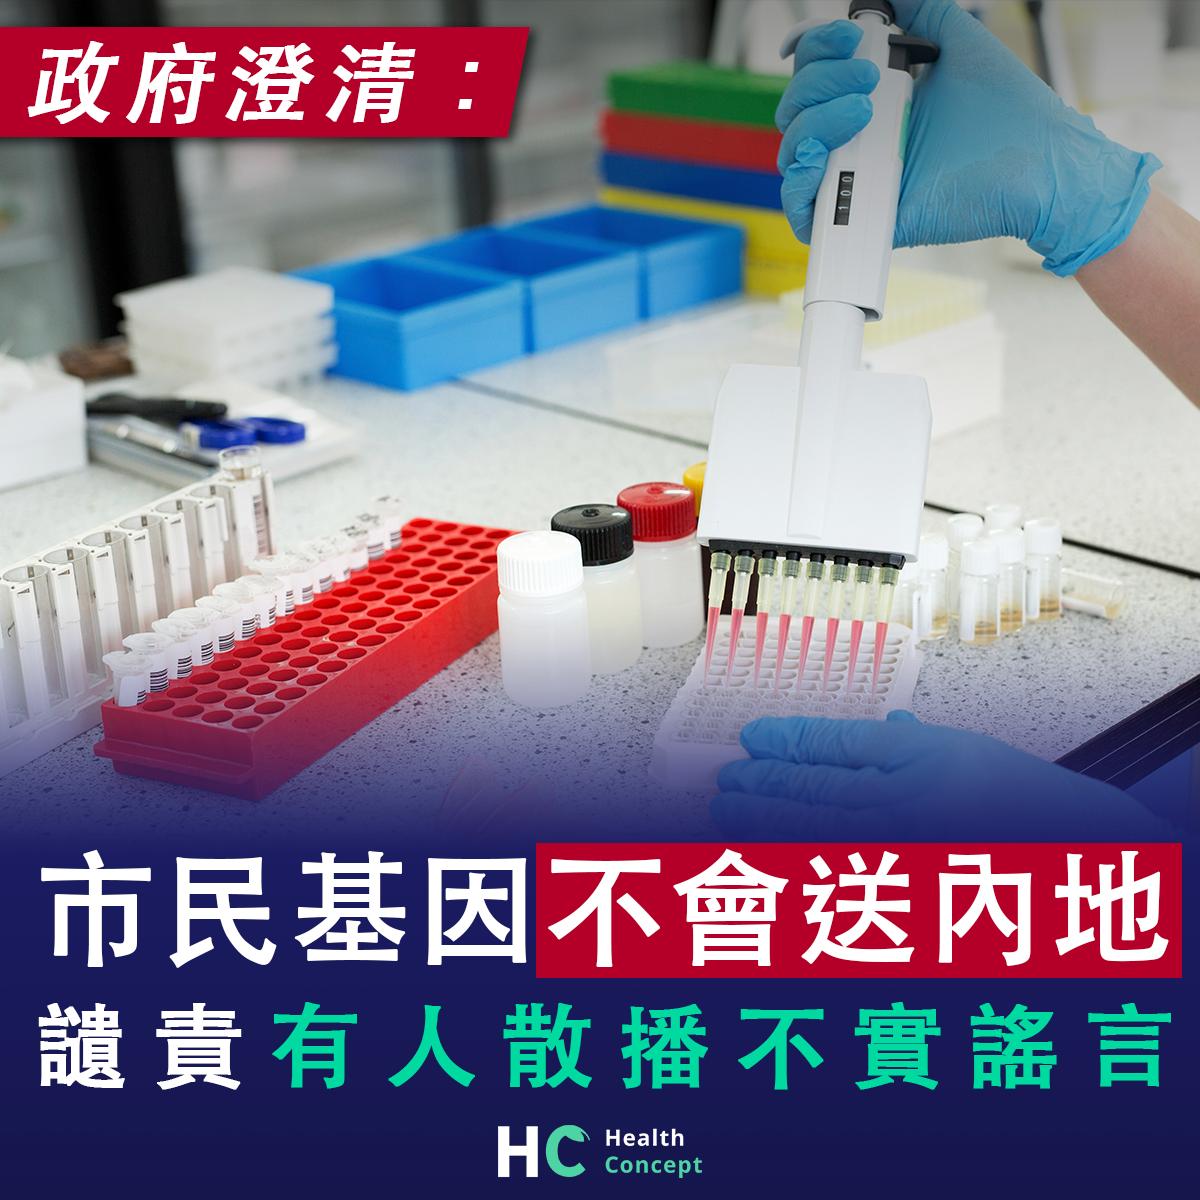 【#新型肺炎】政府:市民基因不會送內地 讉責有人散播不實謠言